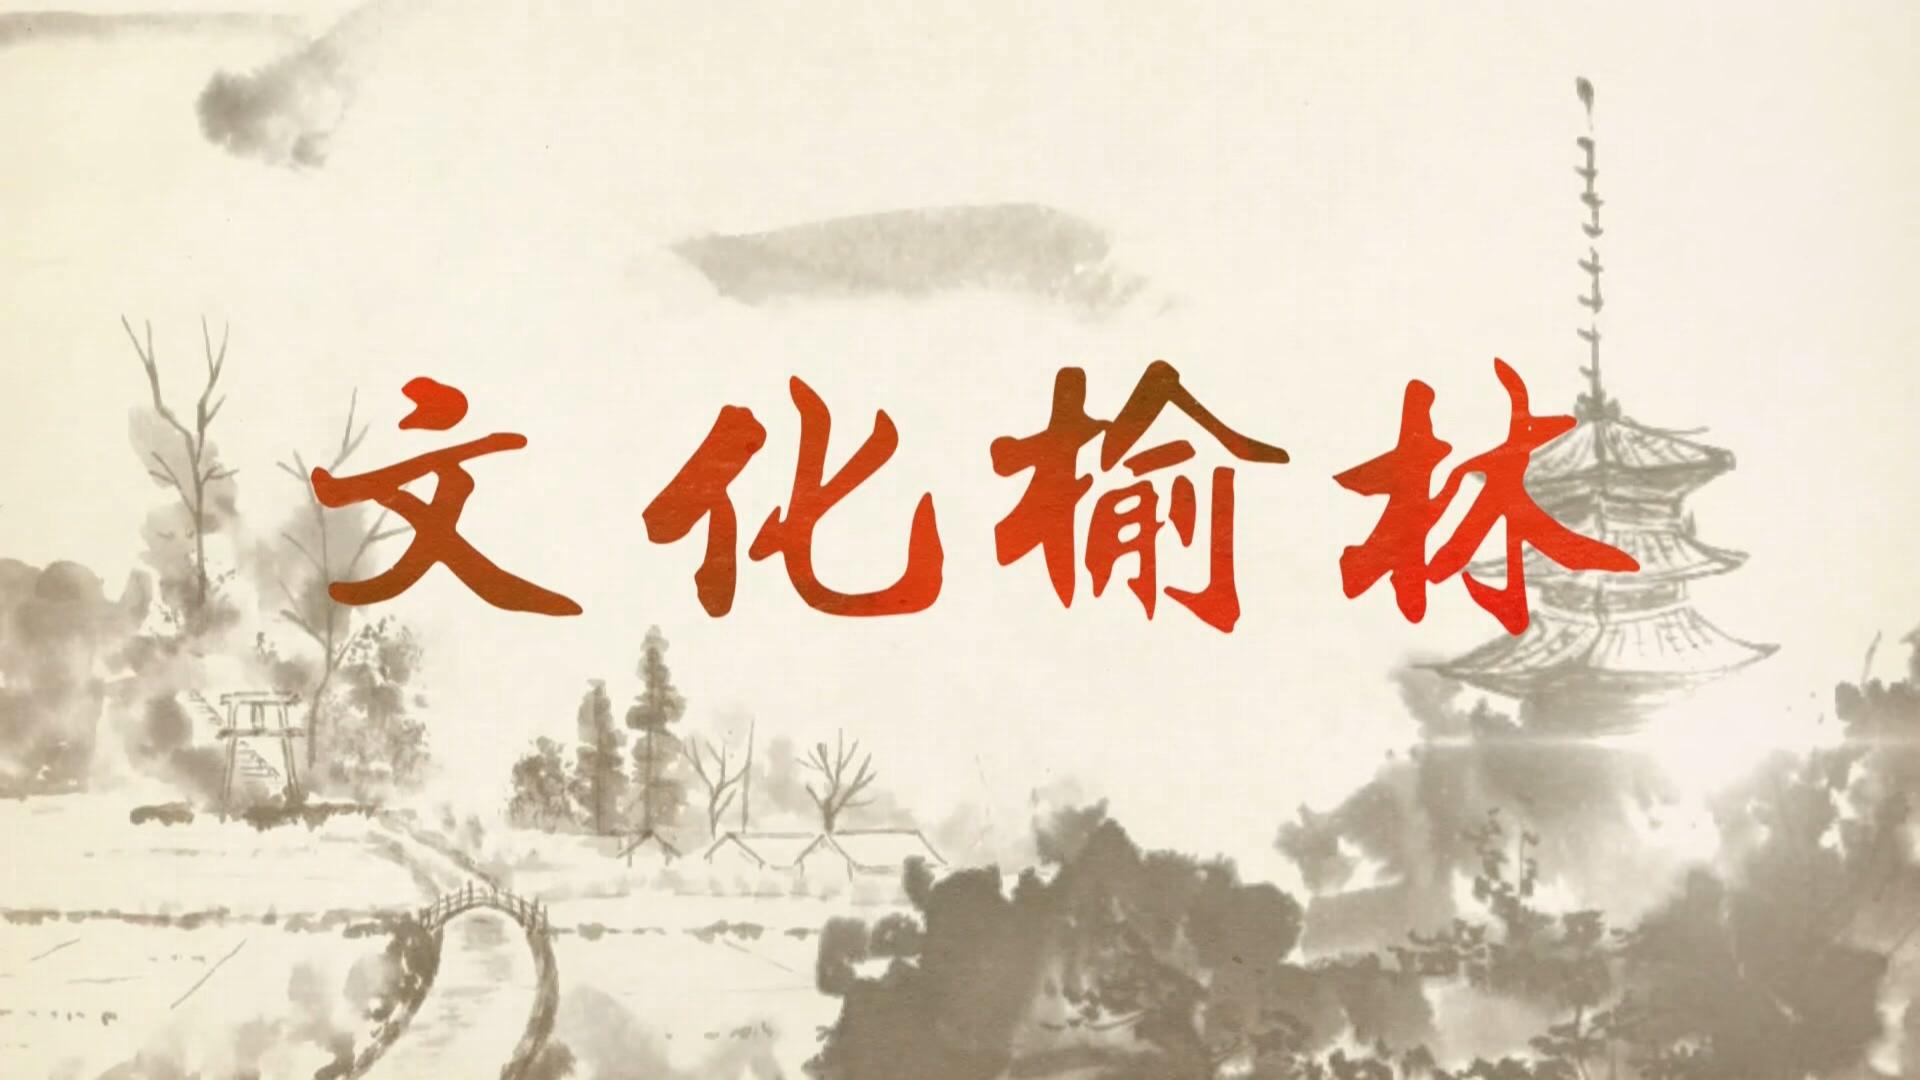 【文化榆林】 榆林非遗之定边皮影